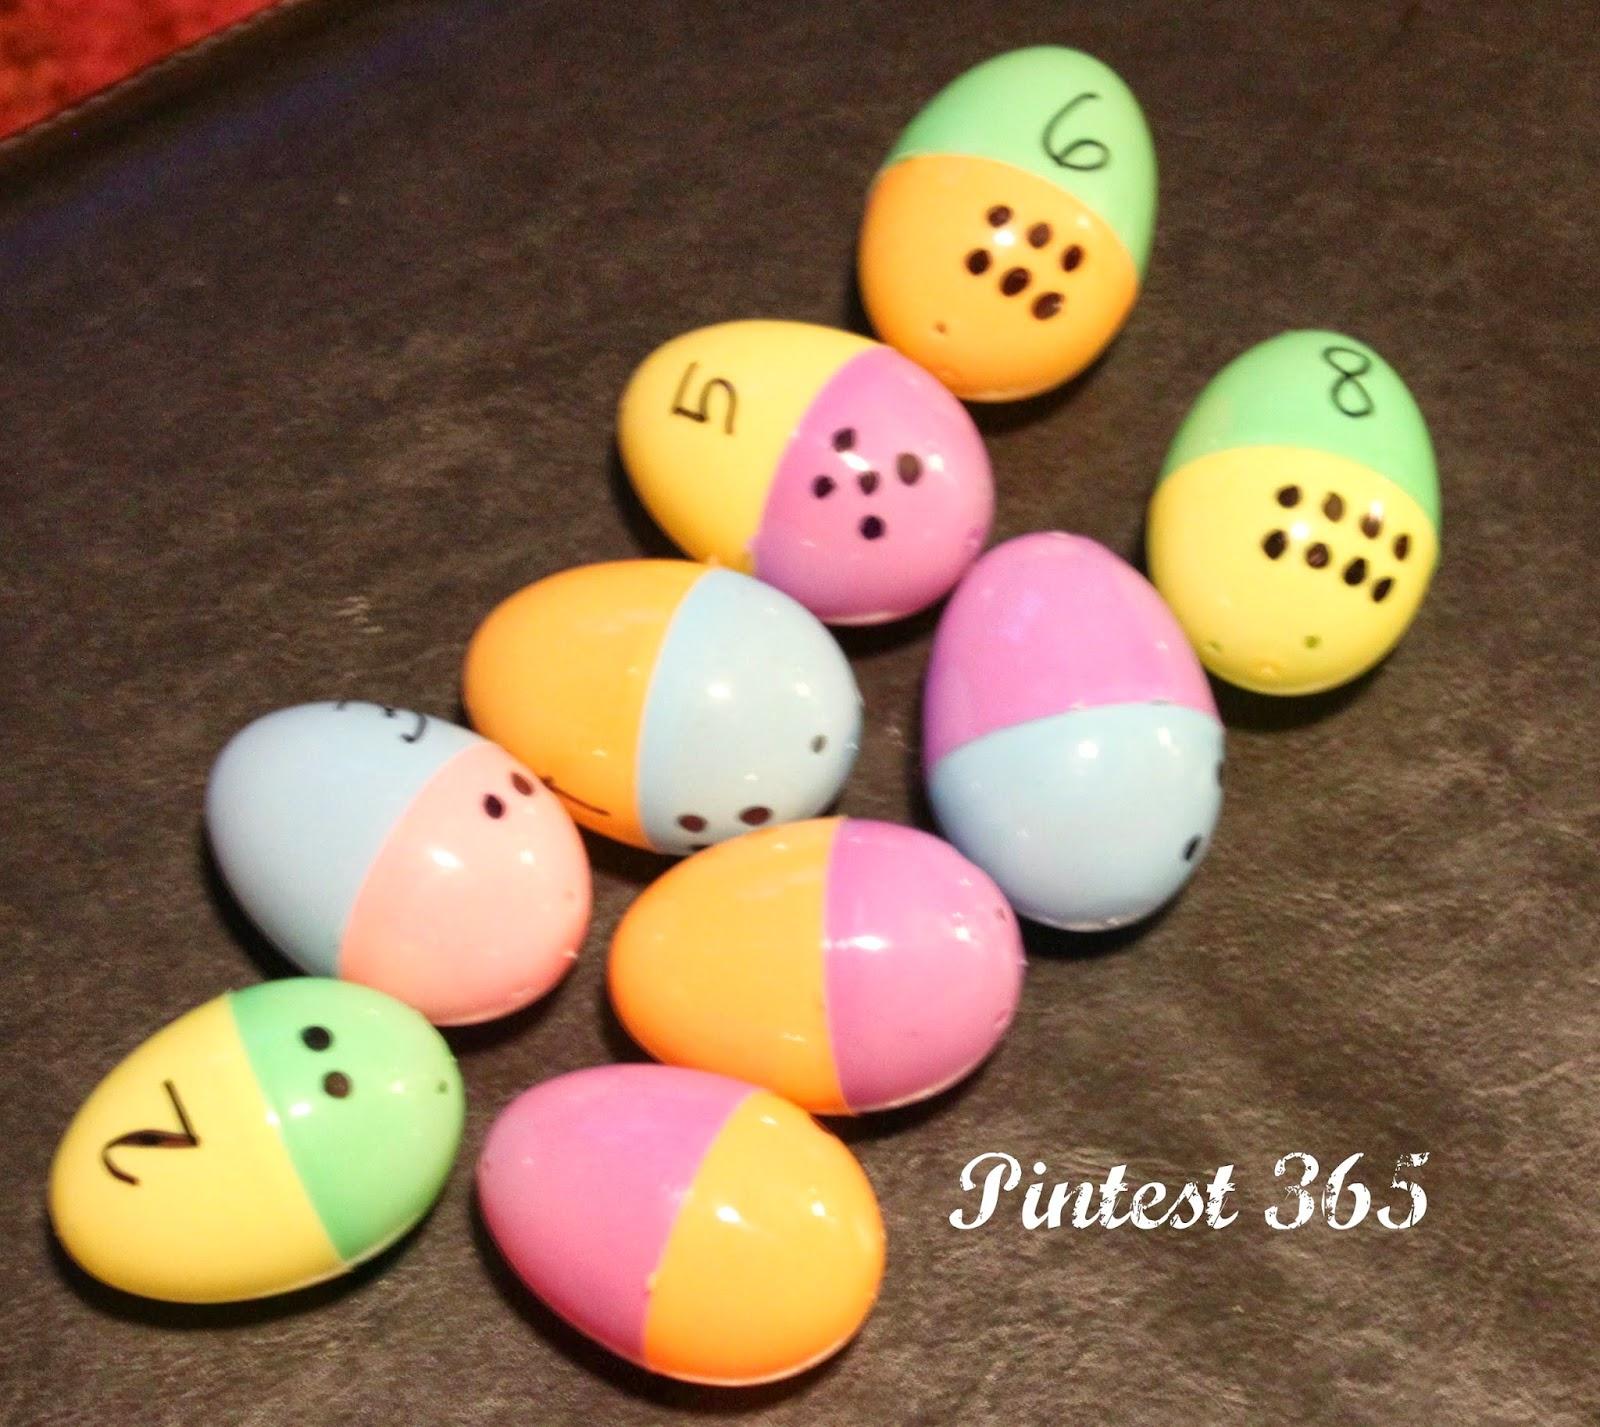 Pintest 365 Day 80 Plastic Easter Egg Learning